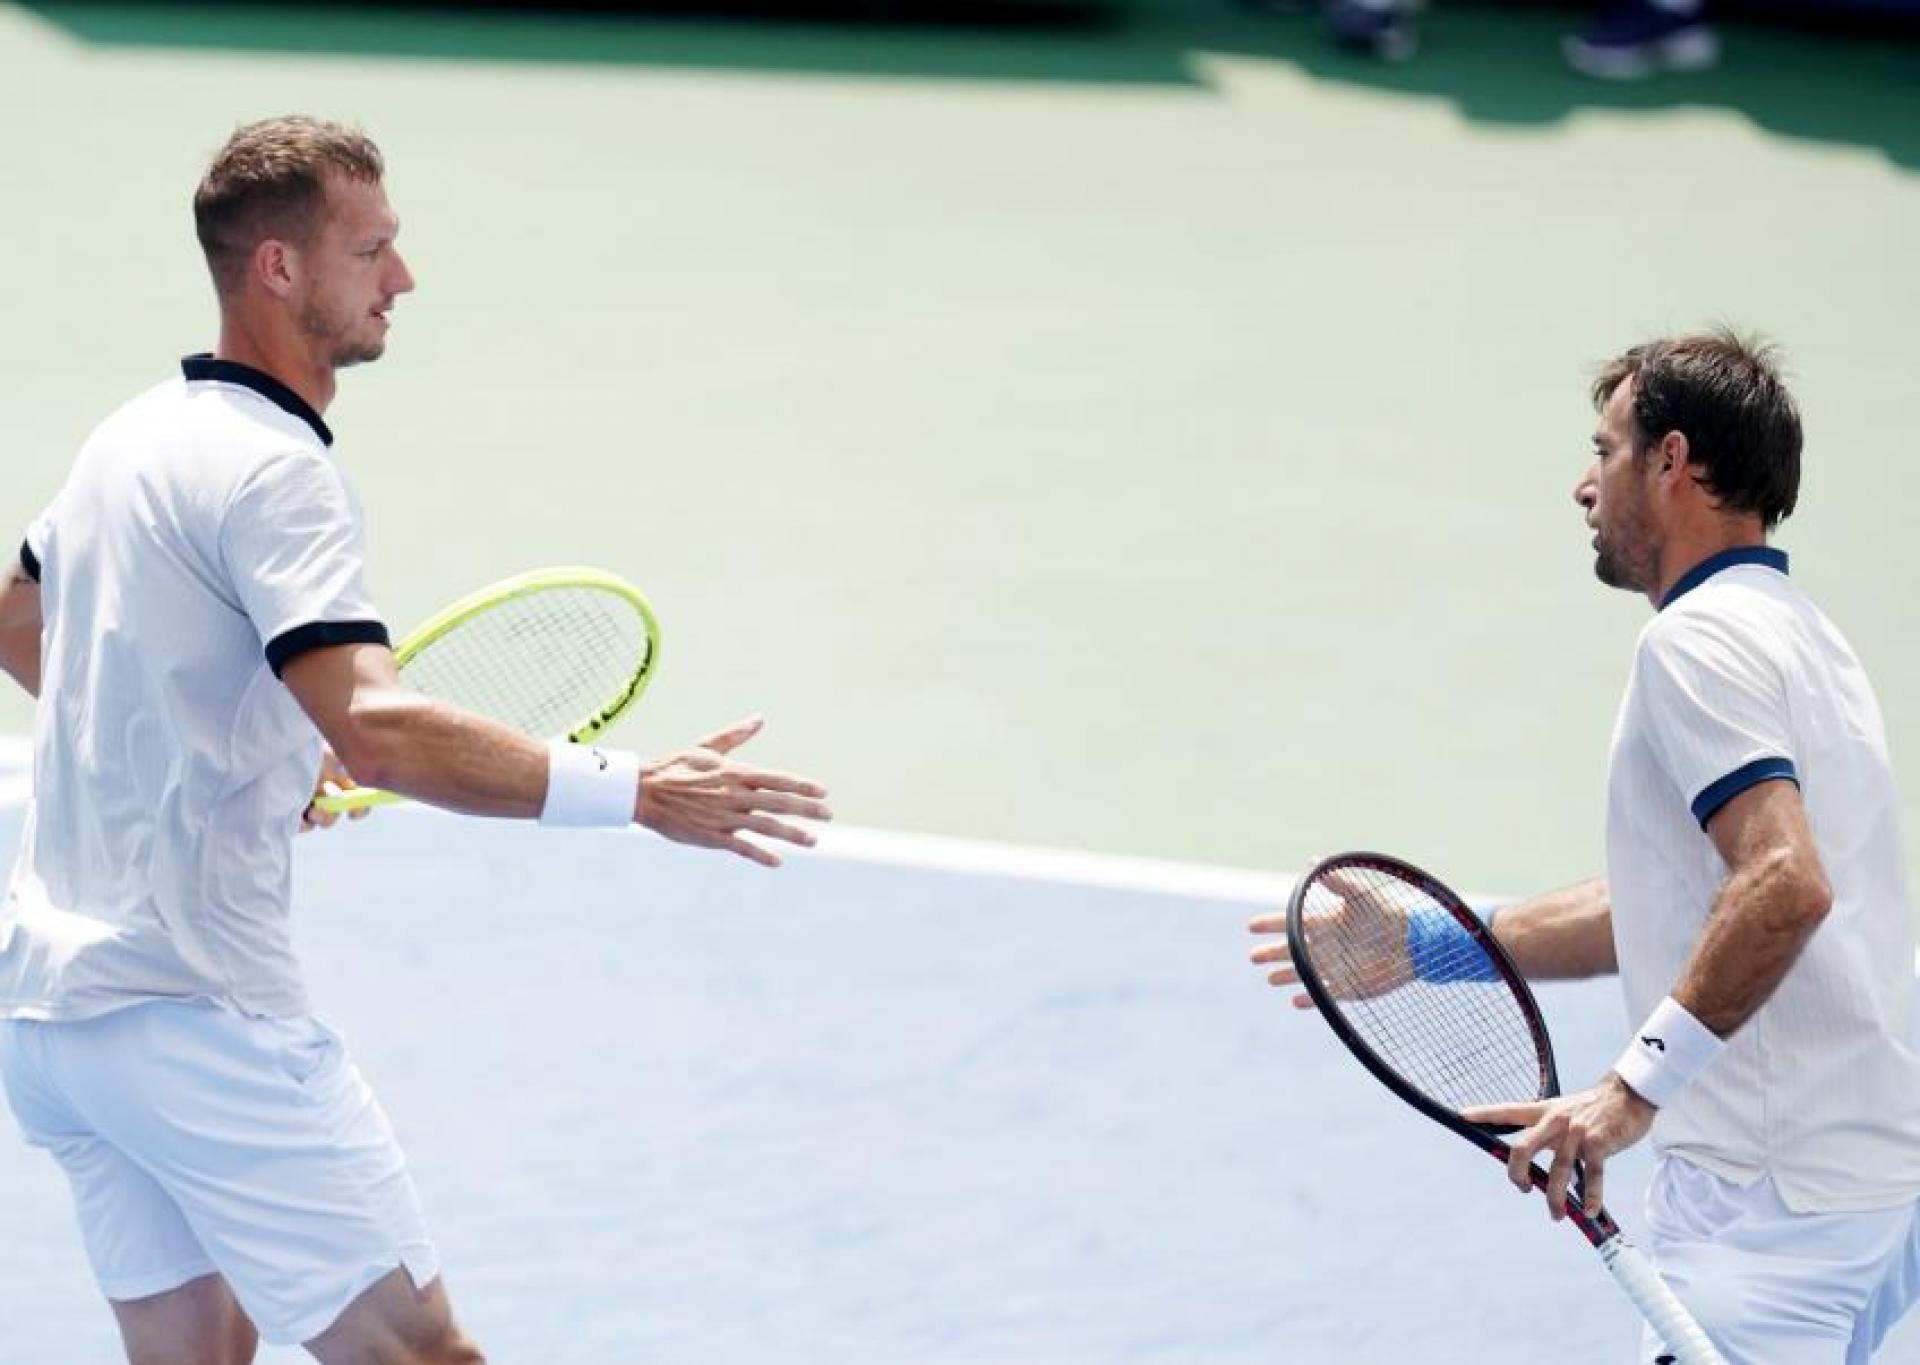 Поласек и Додиг выиграли парный турнир Australian Open